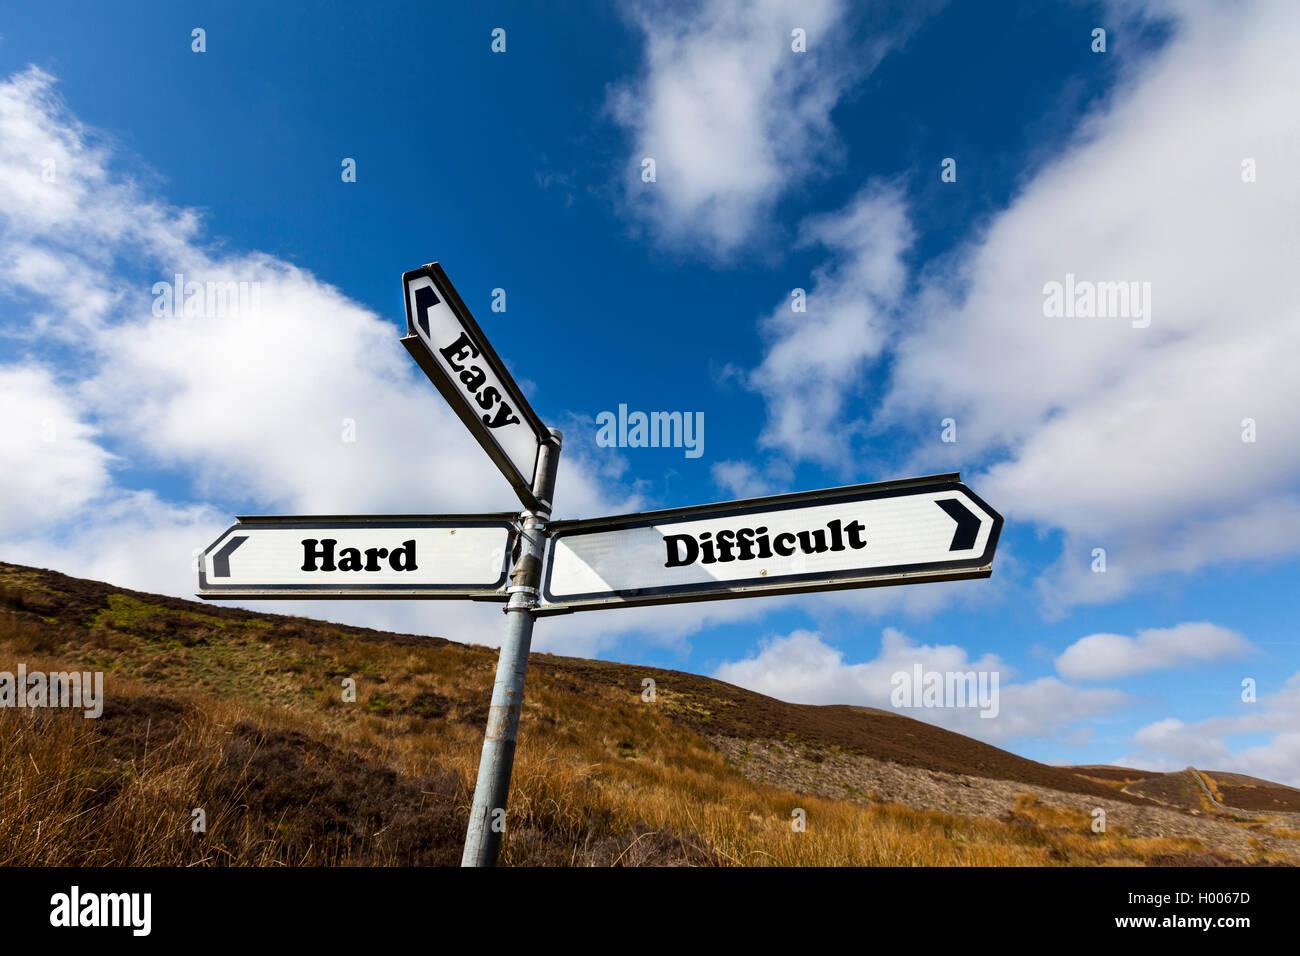 Fácil difícil difícil concepto cartel elección elegir opciones de vida futuro camino dirección Imagen De Stock